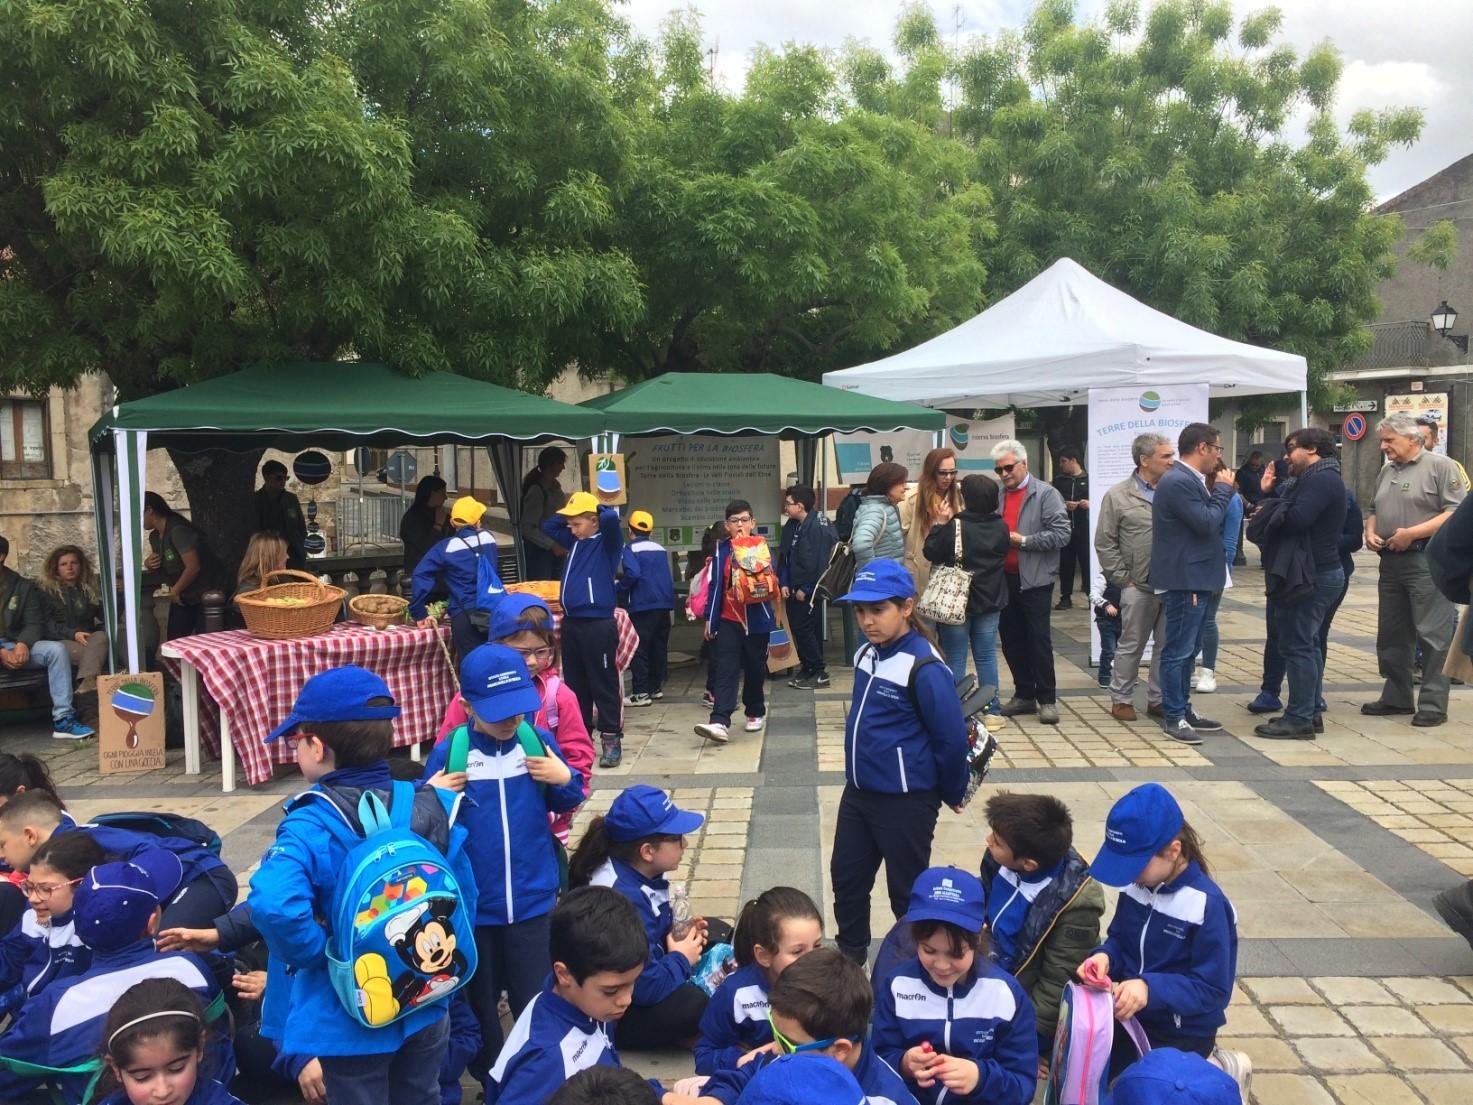 Markt in Santa Domenica Vittoria mit zahlreichen Kindern und Marktständen